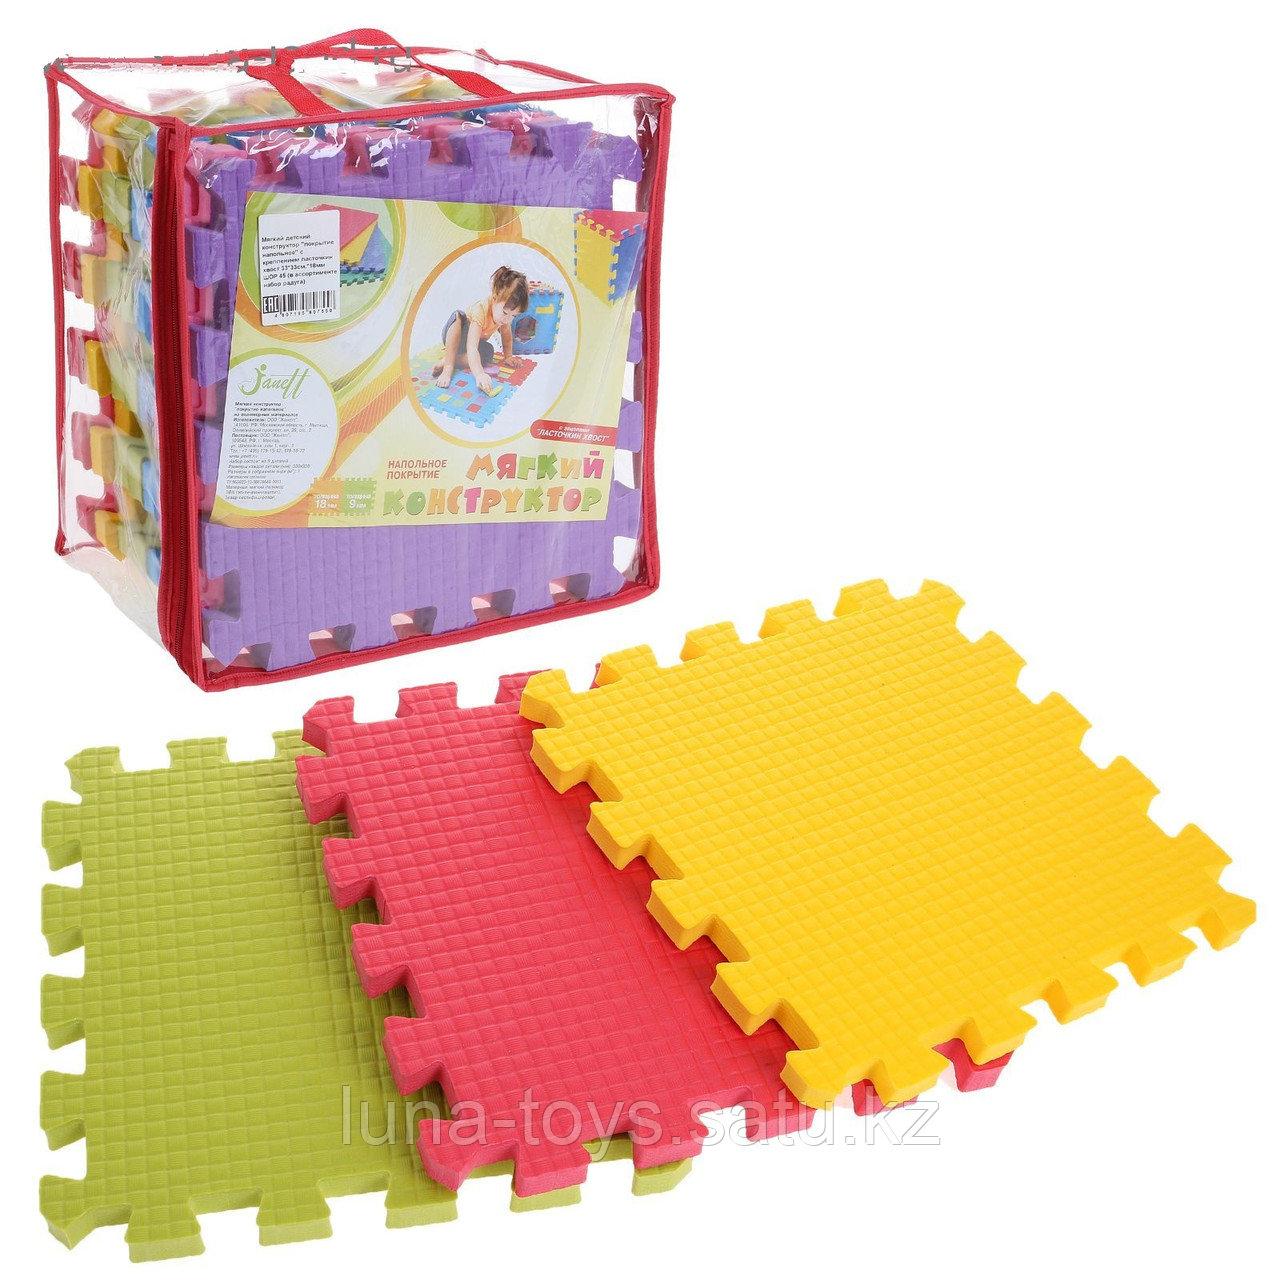 """Детский коврик-пазл """"Радуга"""" (мягкий), 9 элементов, толщина 1,8 см"""